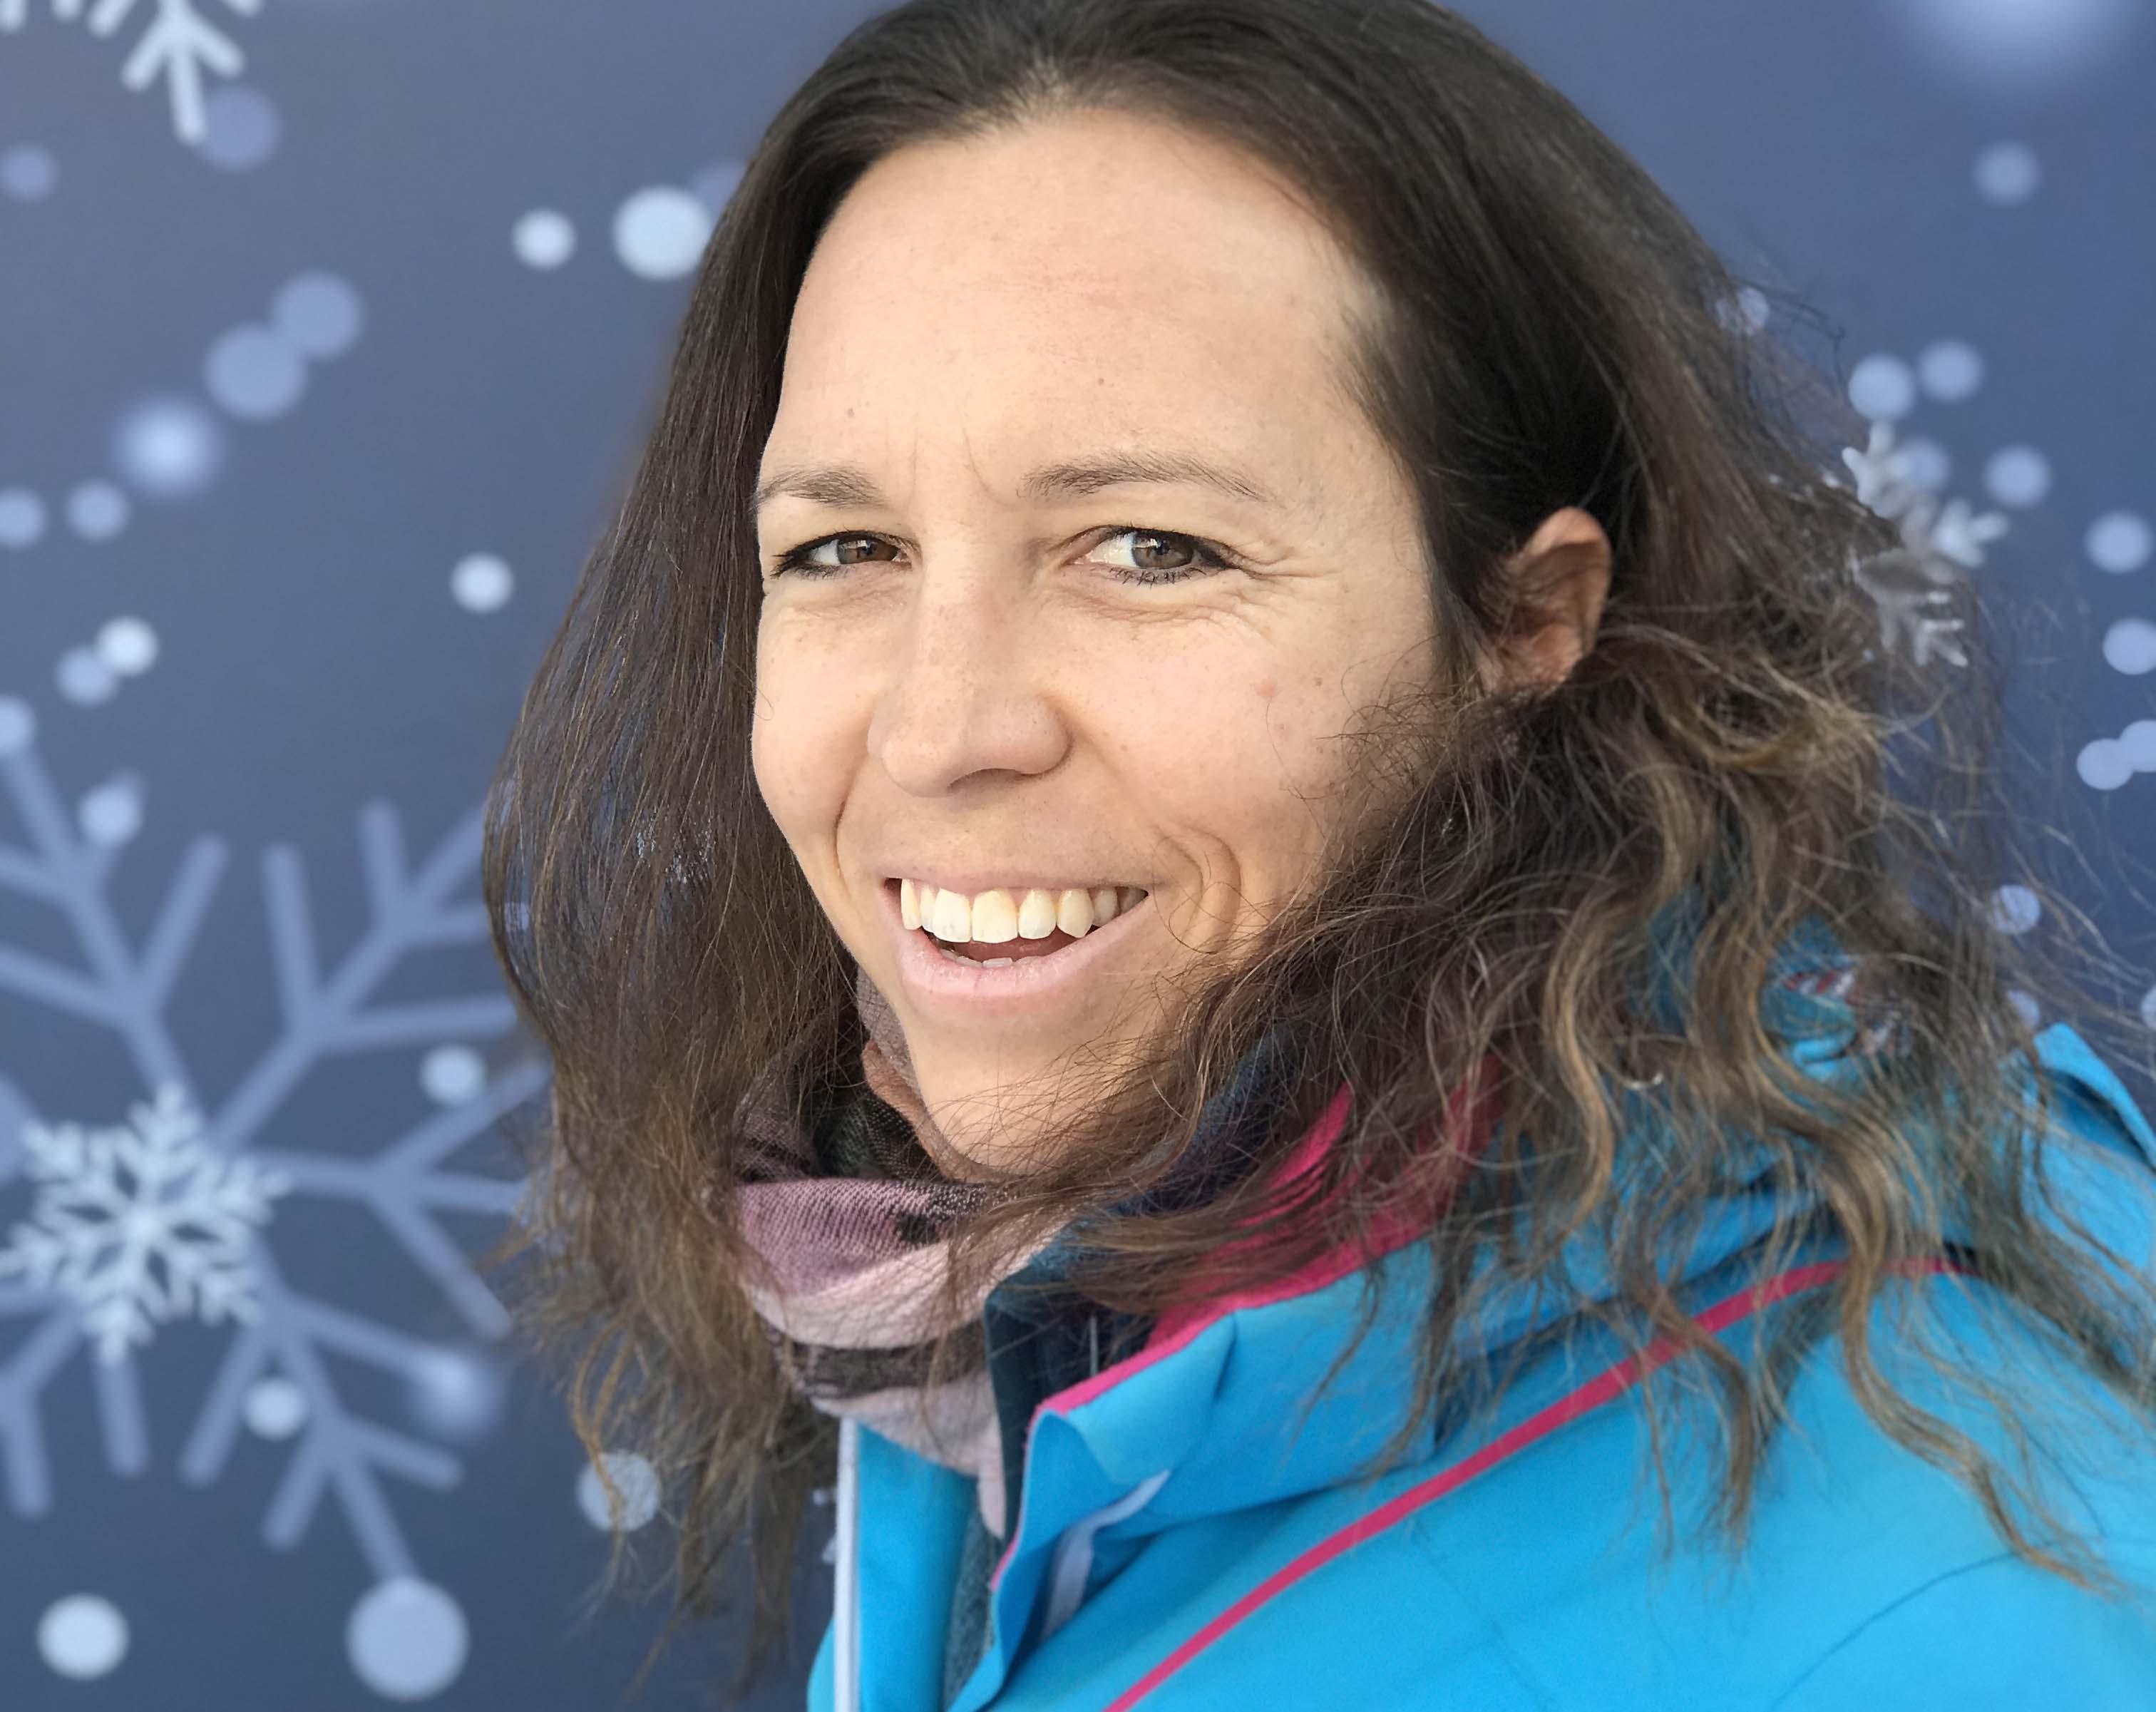 Manuela Siegrist